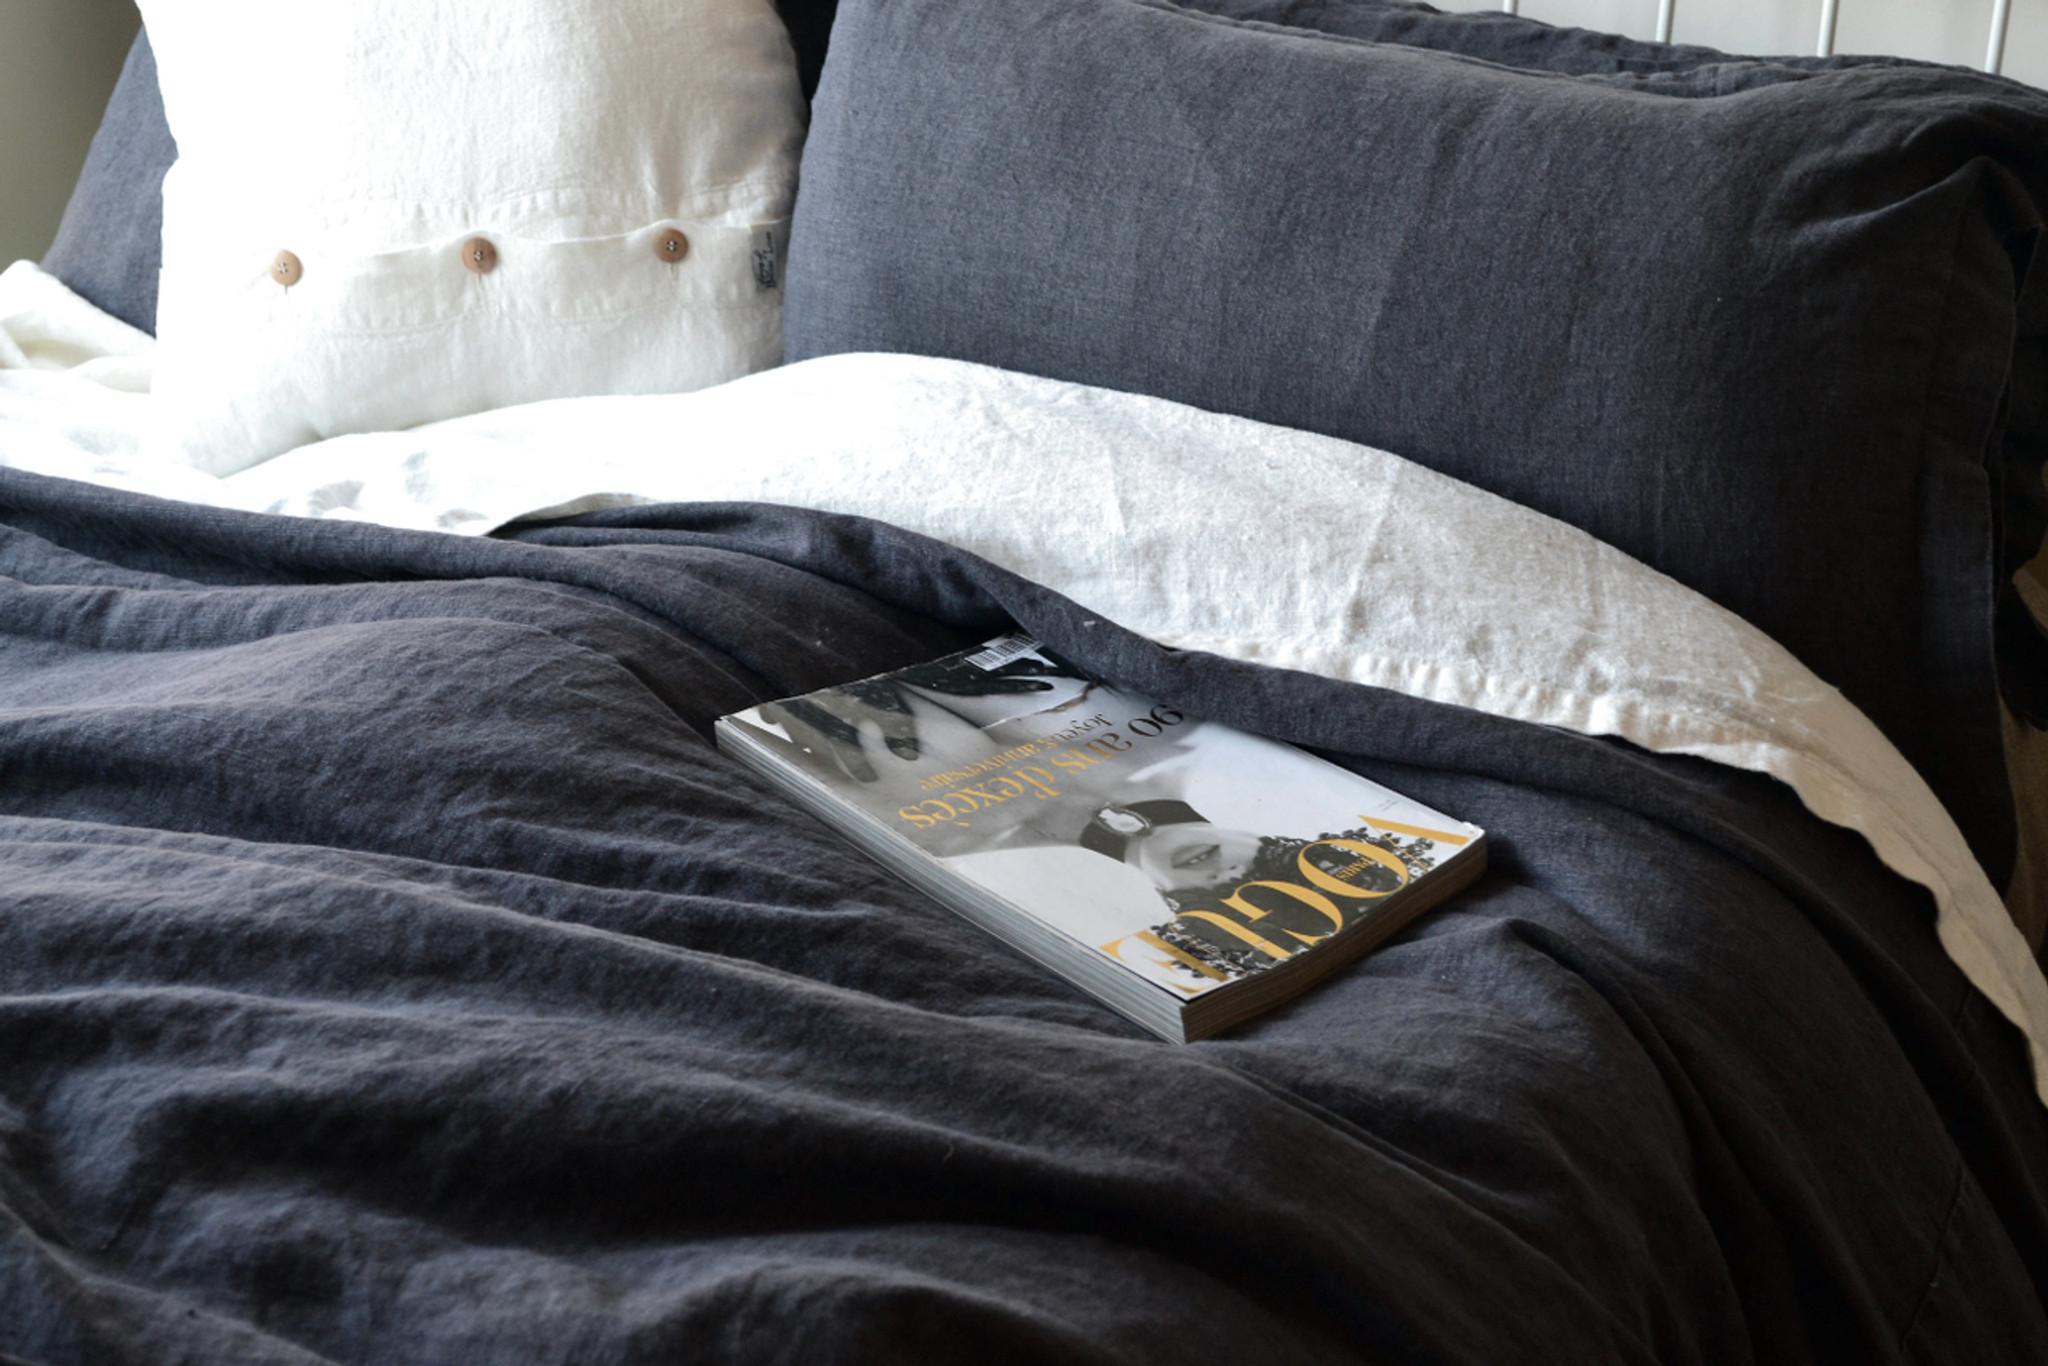 ... Peppercorn Rustic Heavy Weight Linen Quilt/Duvet Cover, ...